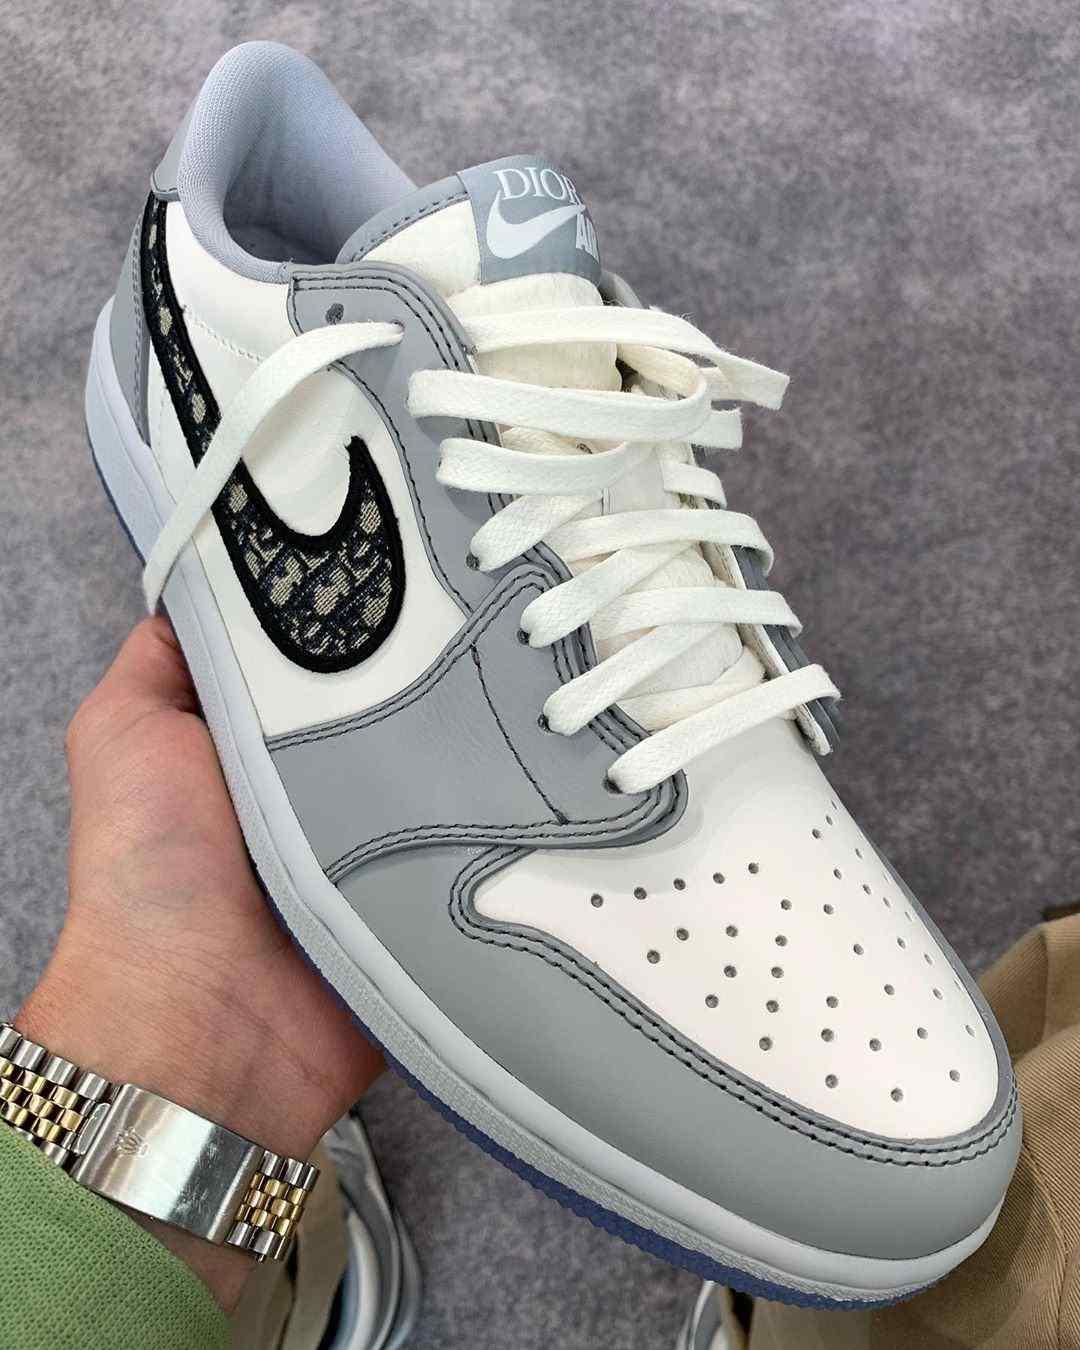 Air-Jordan-1-Dior-Low-CN8608-002